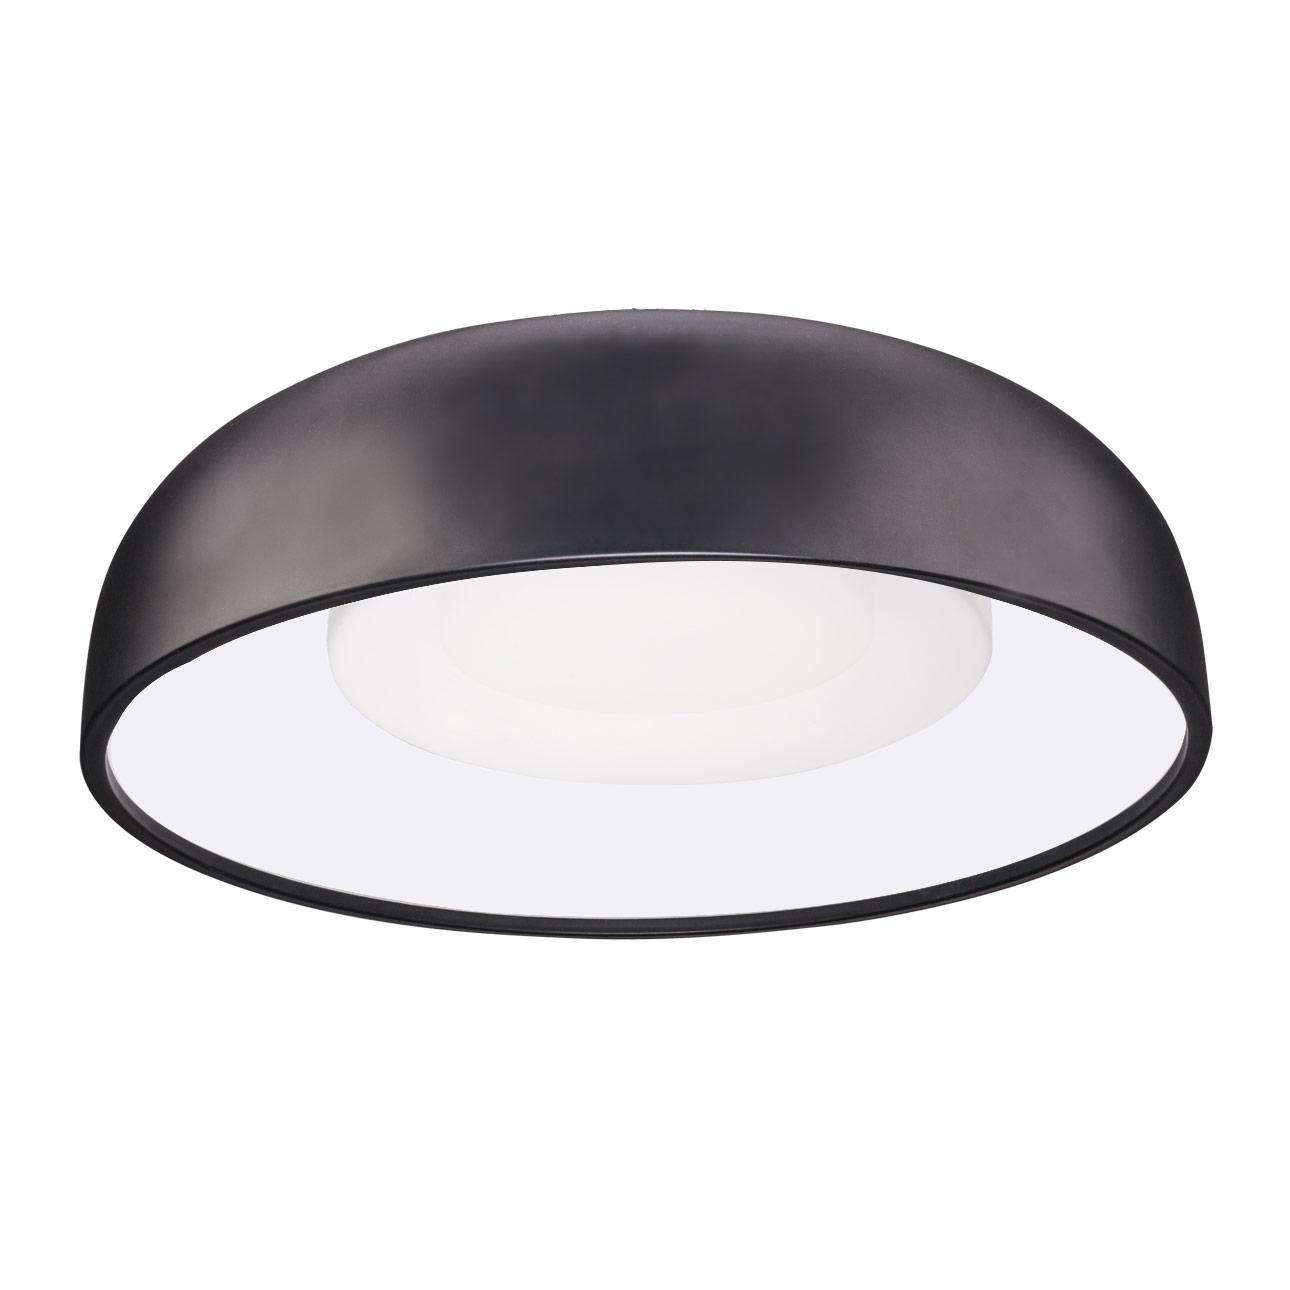 Beacon flush mount ceiling light by kuzco lighting fm13120 bk aloadofball Choice Image